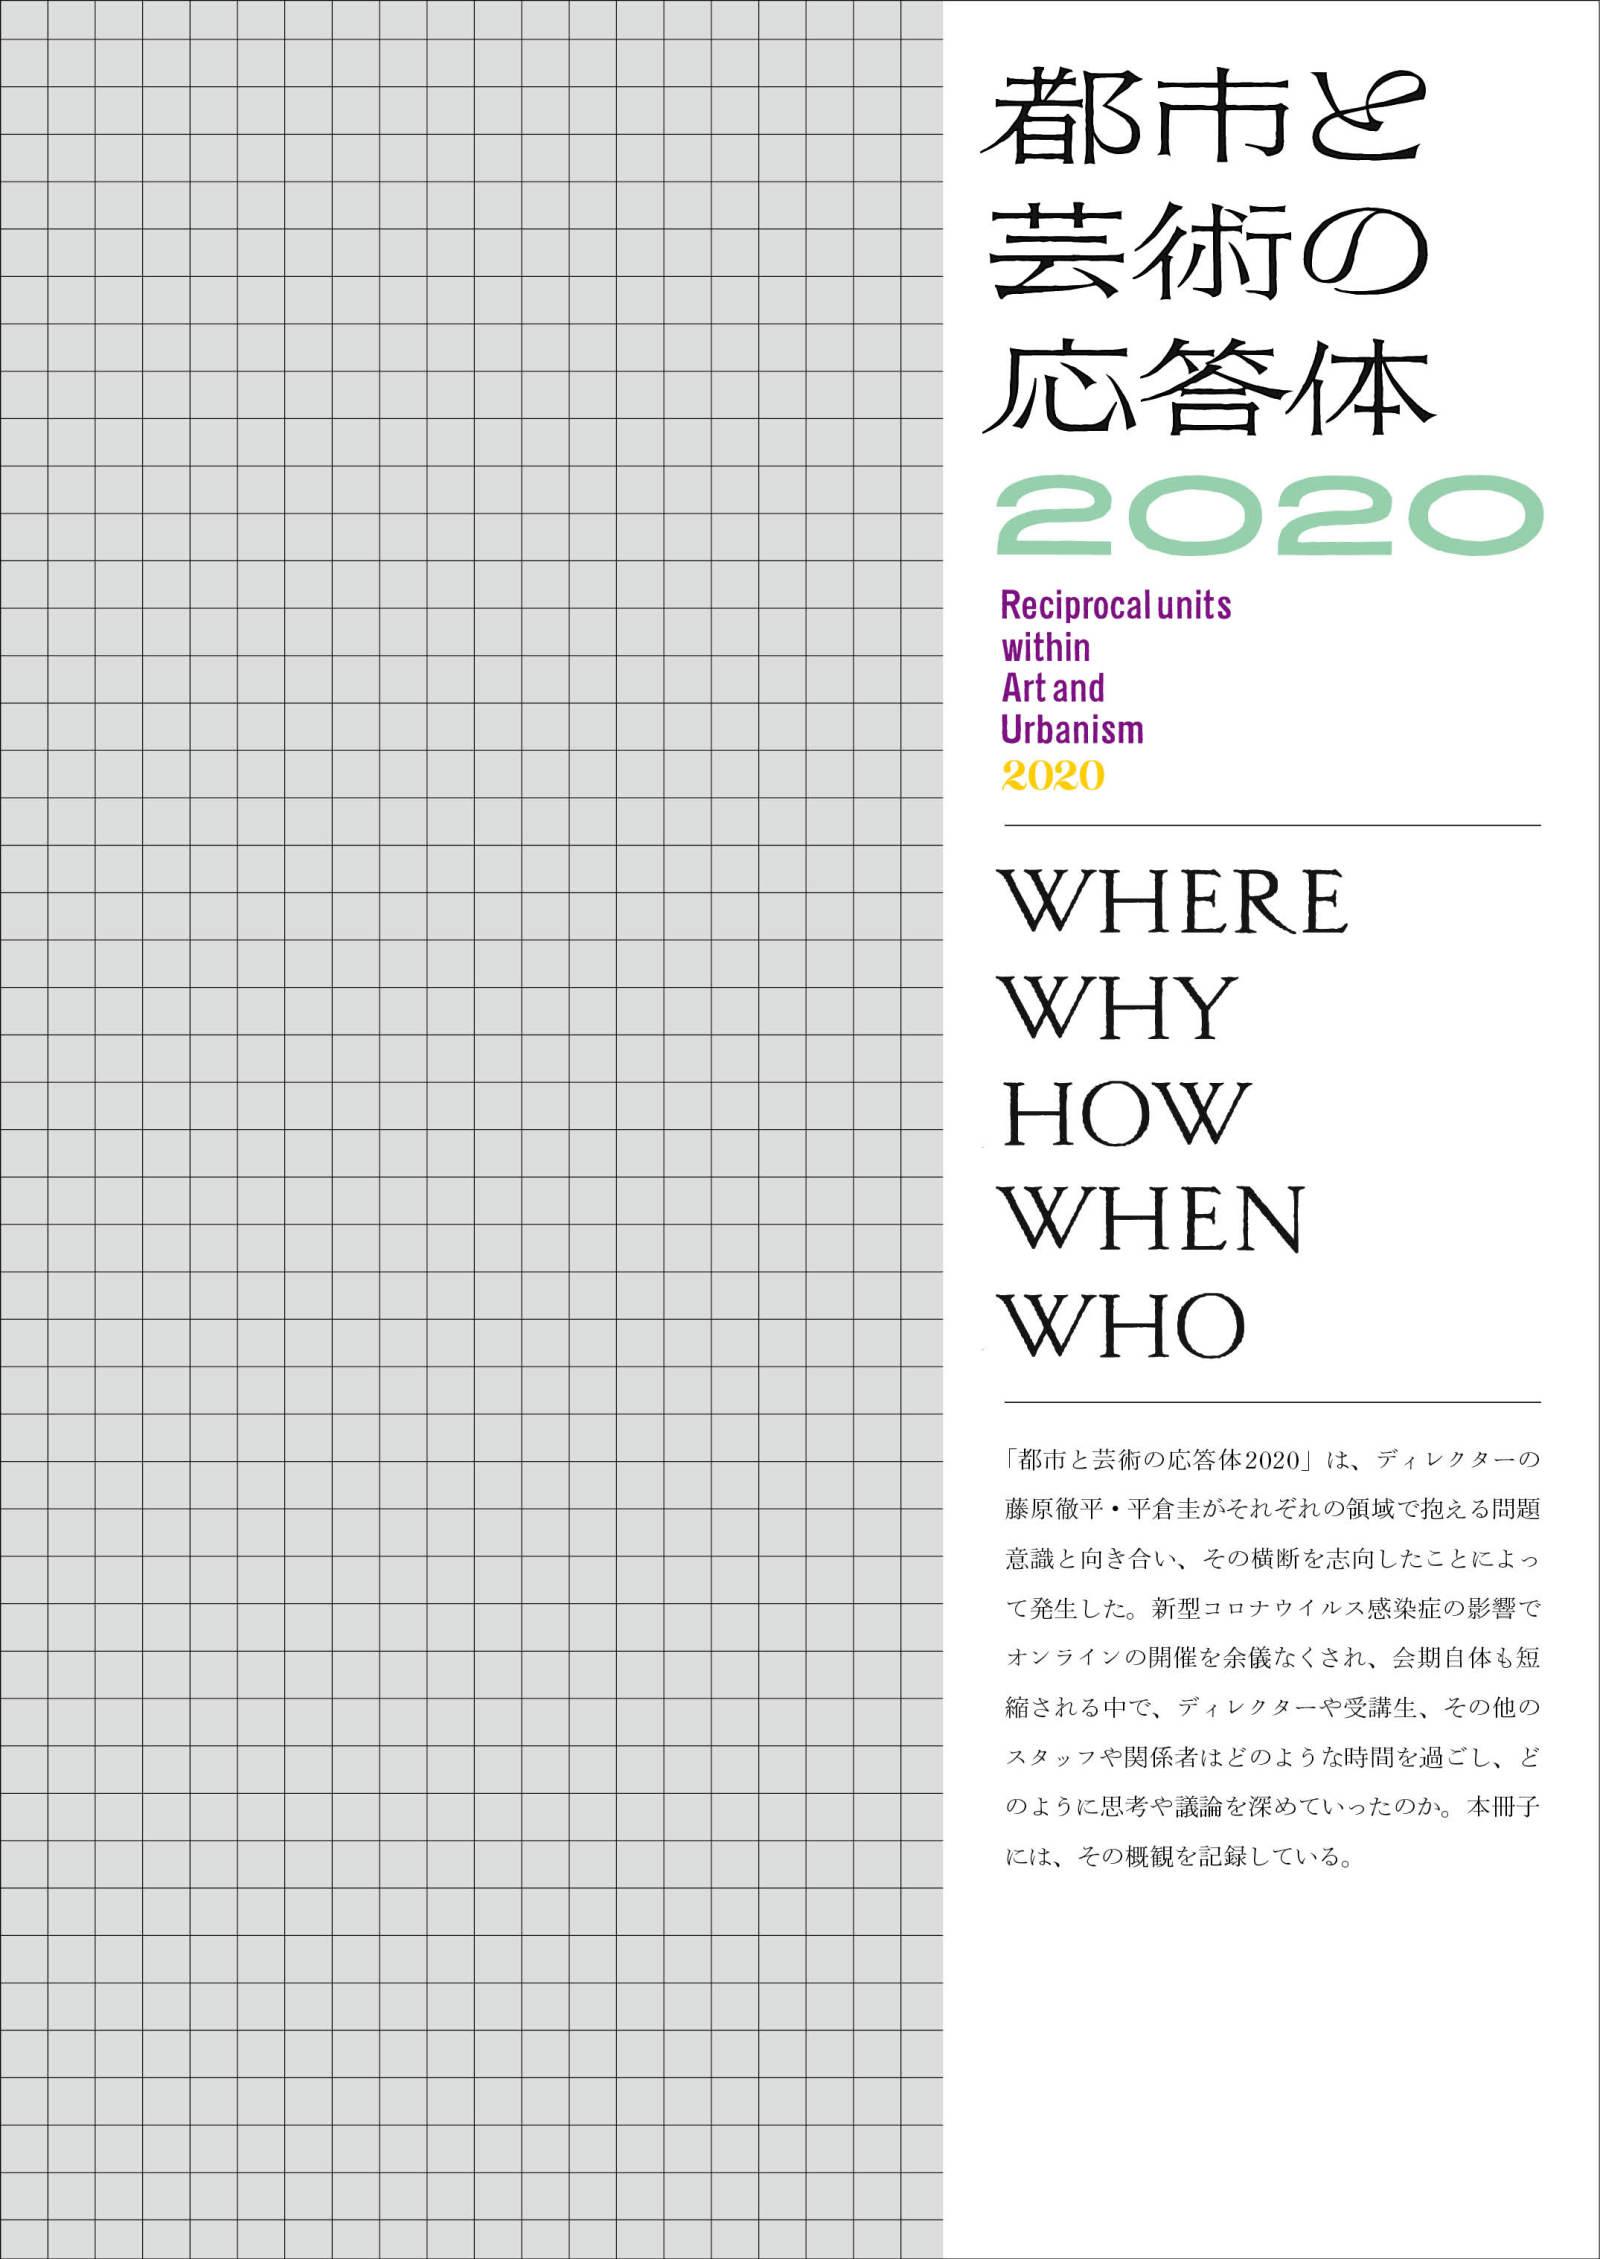 『都市と芸術の応答体 WHERE WHY HOW WHEN WHO』